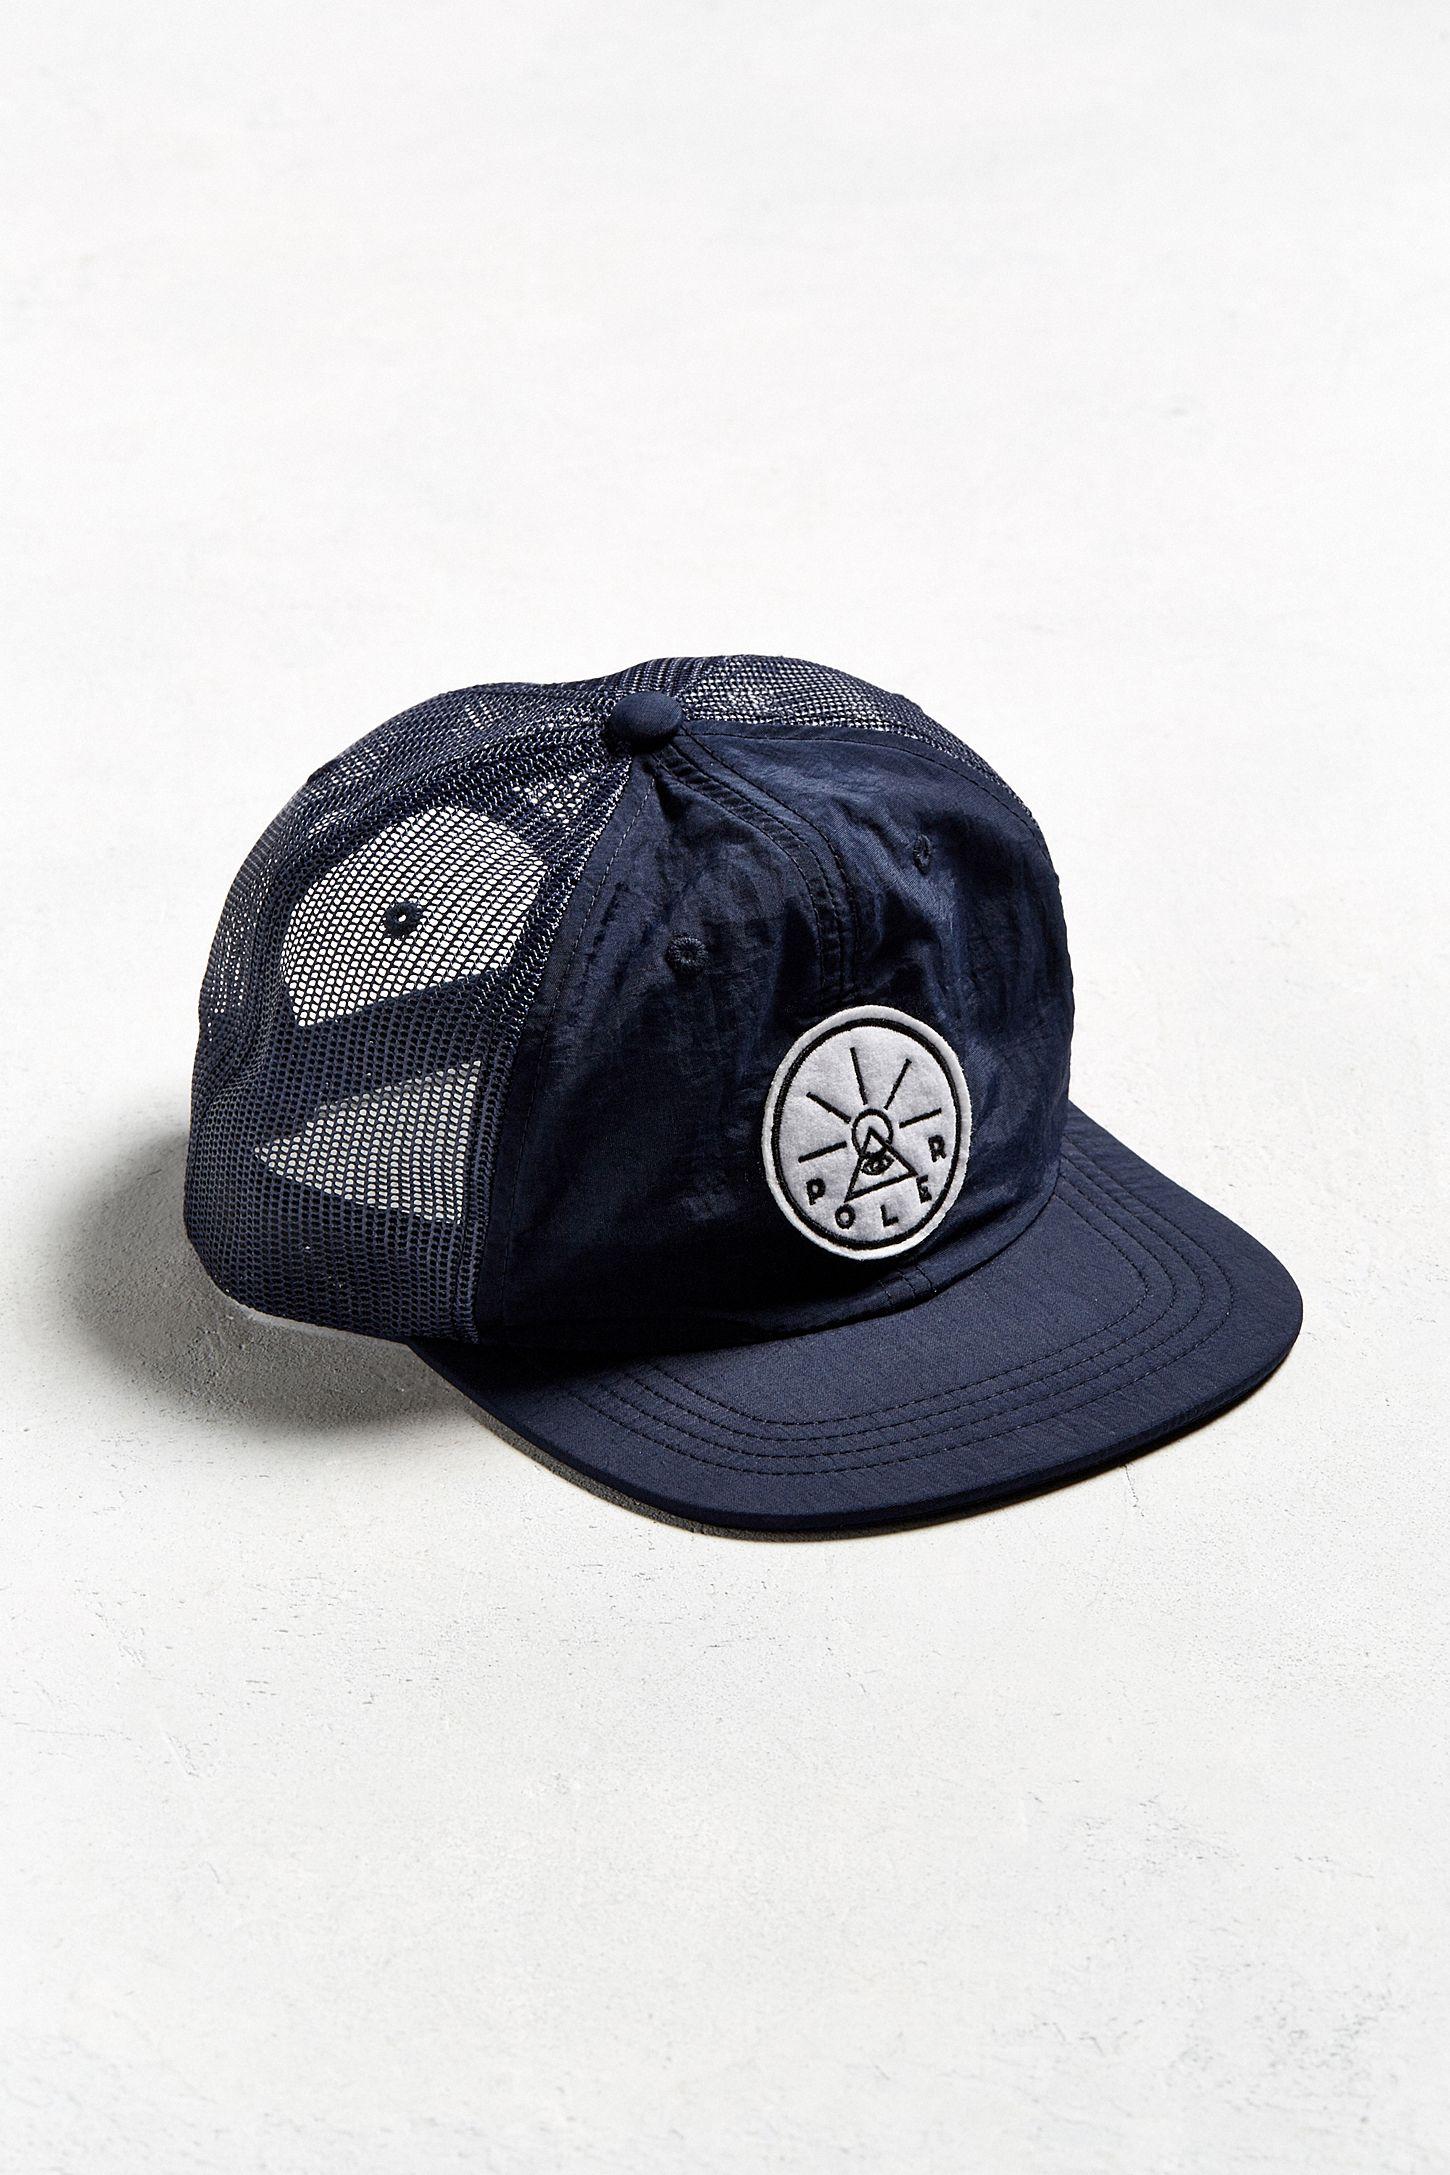 Poler Crinkle Nylon Trucker Hat  6a8788314fd